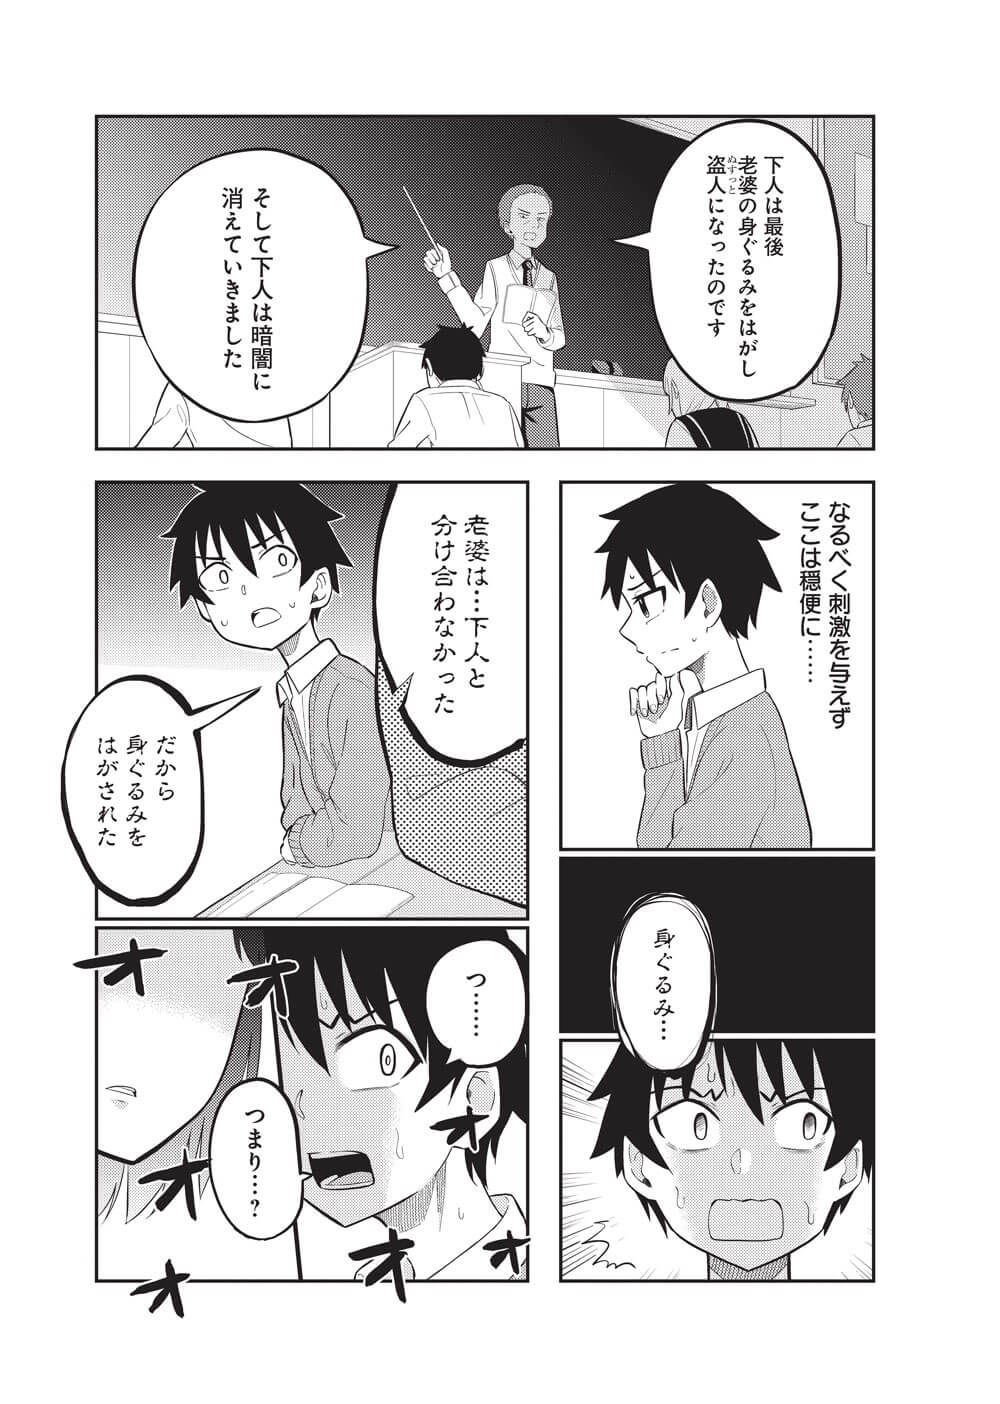 クラスメイトの田中さんはすごく怖い-2-3